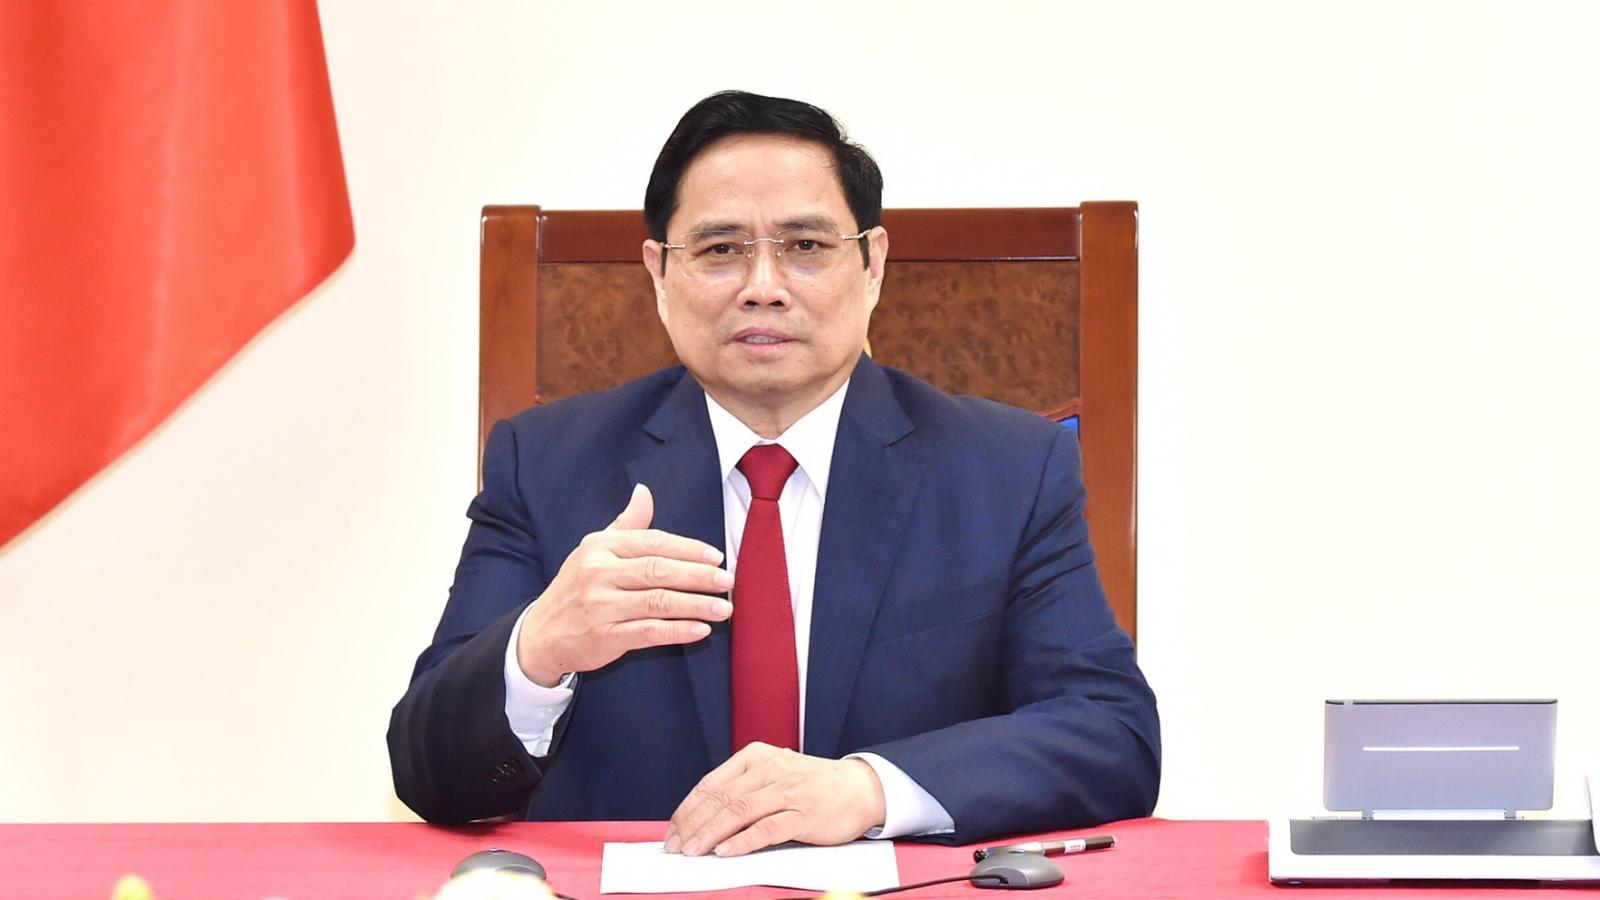 Thủ tướng đề nghị WHO hỗ trợ Việt Nam sớm nhận các lô vaccine